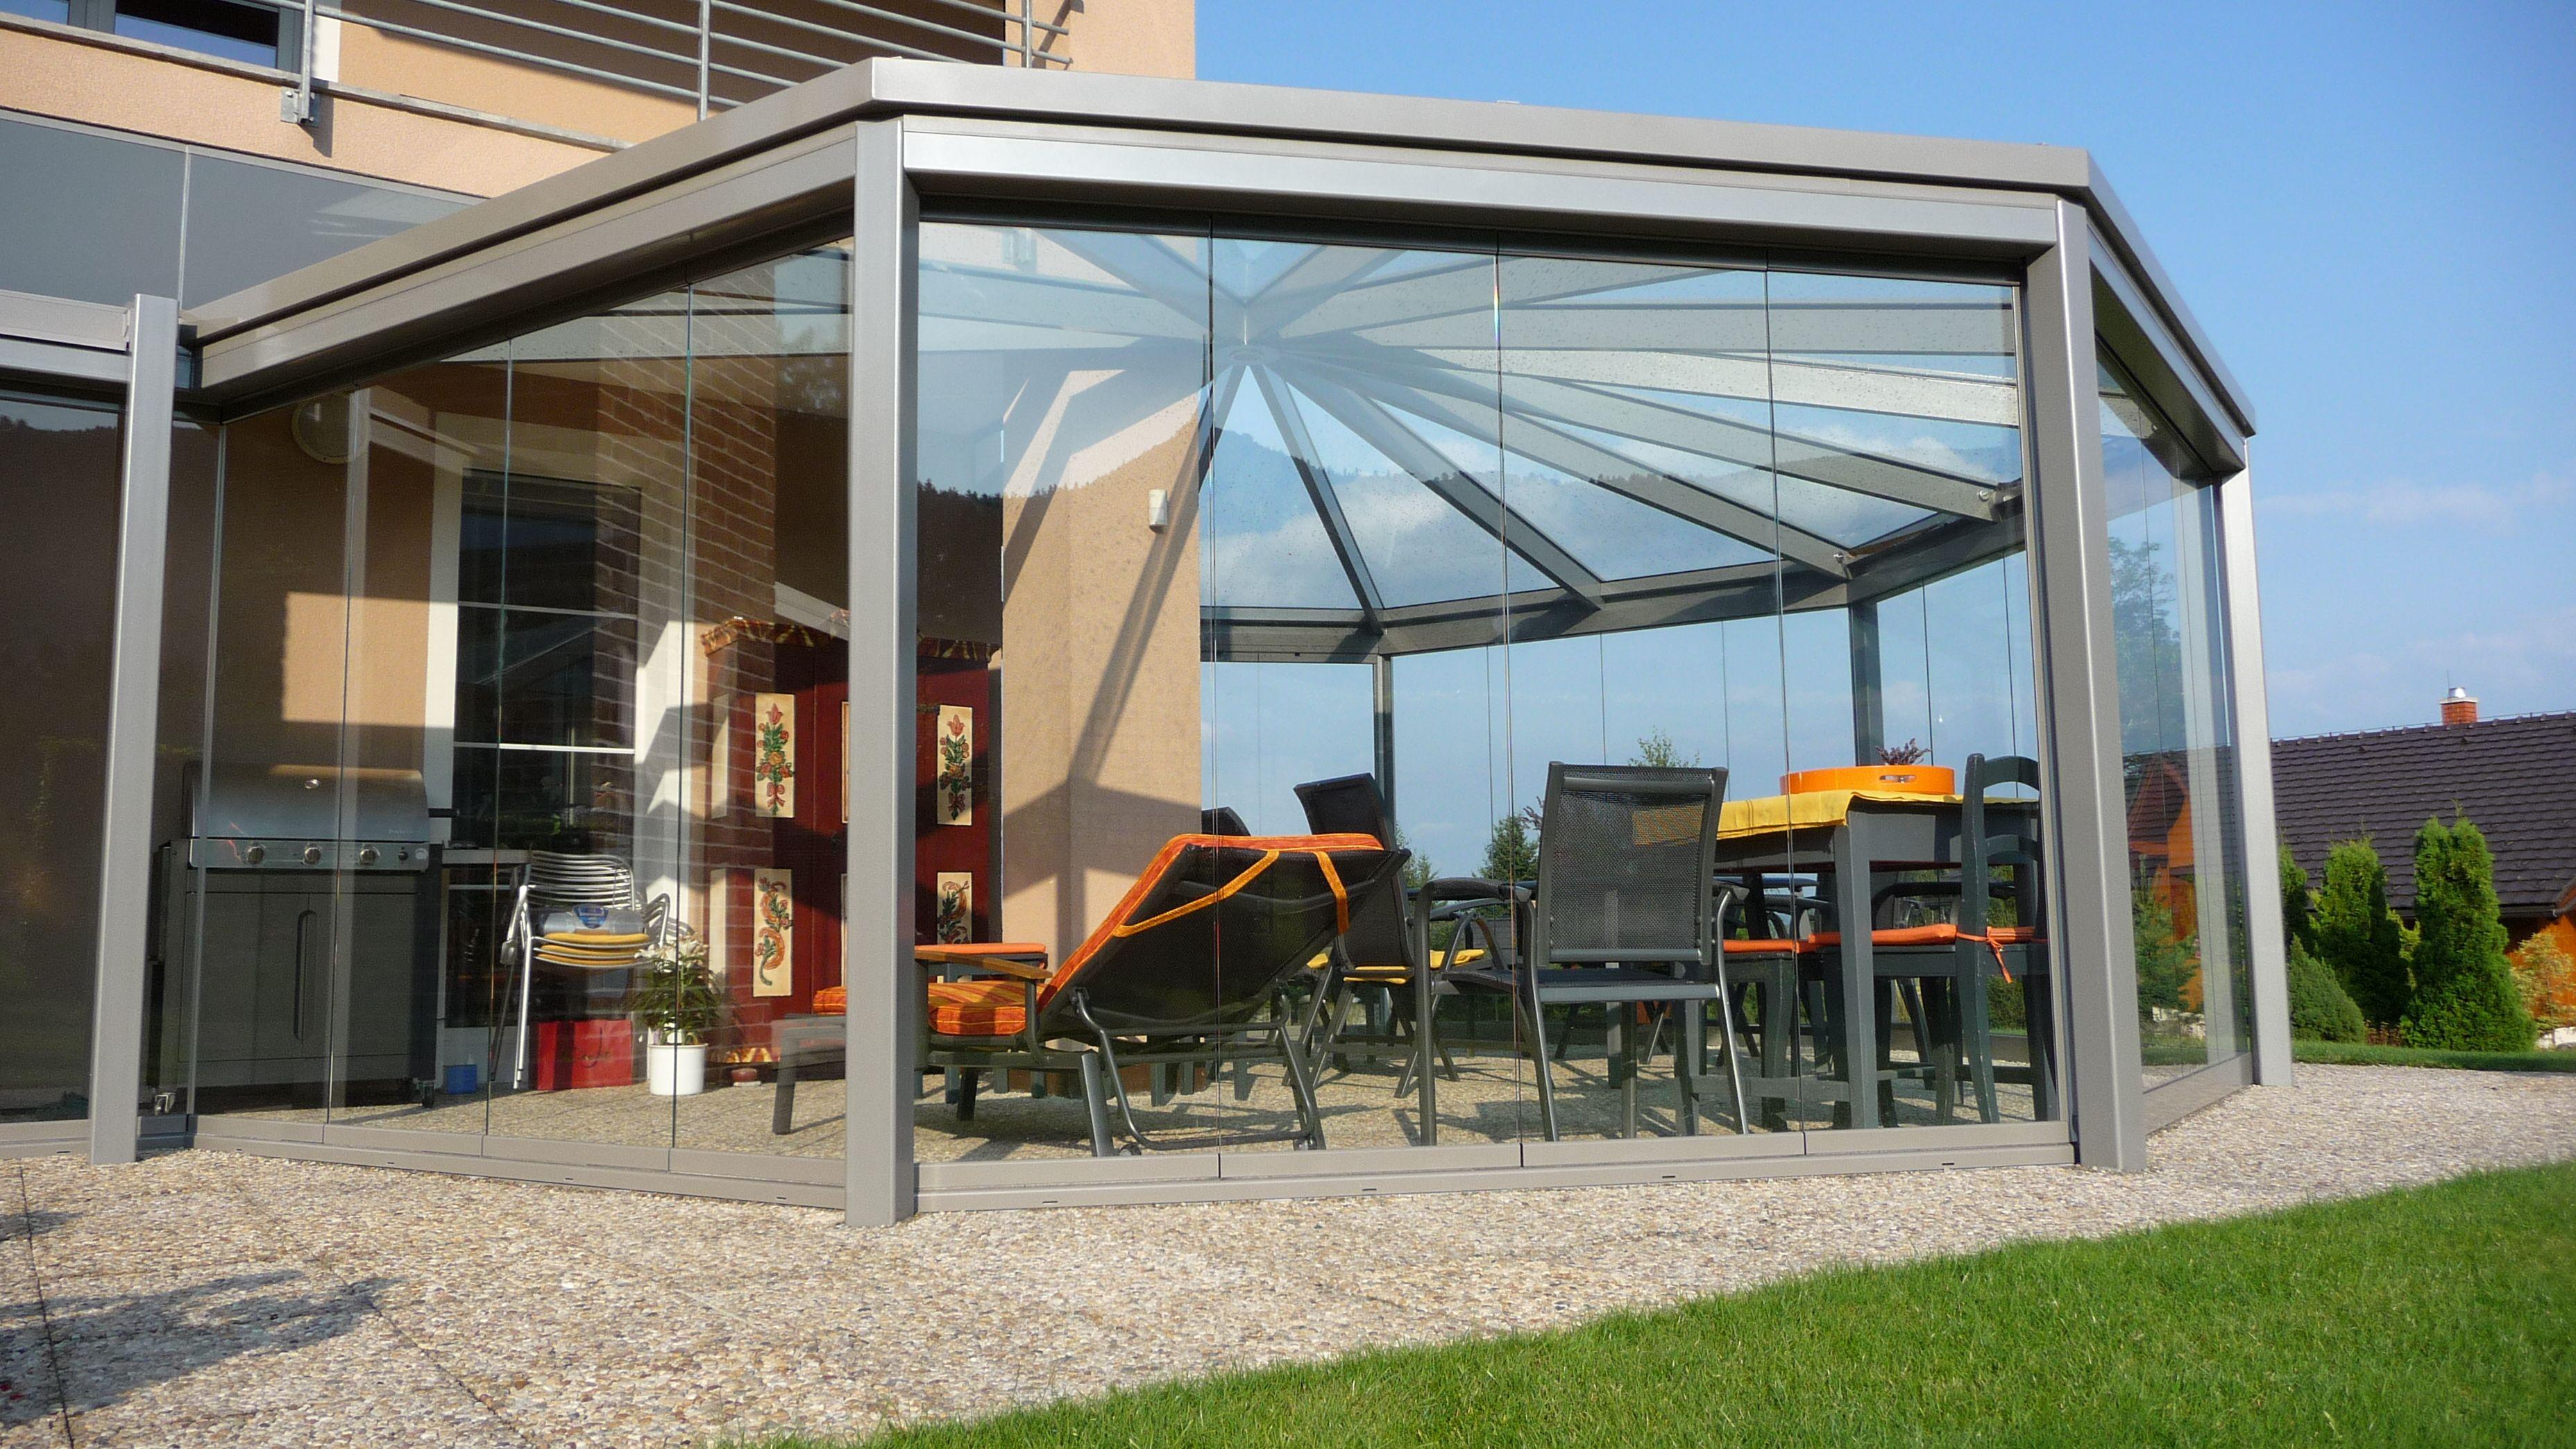 wintergarten balkonverbau verglasung ganzglaselemente sommergarten pinterest t ren. Black Bedroom Furniture Sets. Home Design Ideas